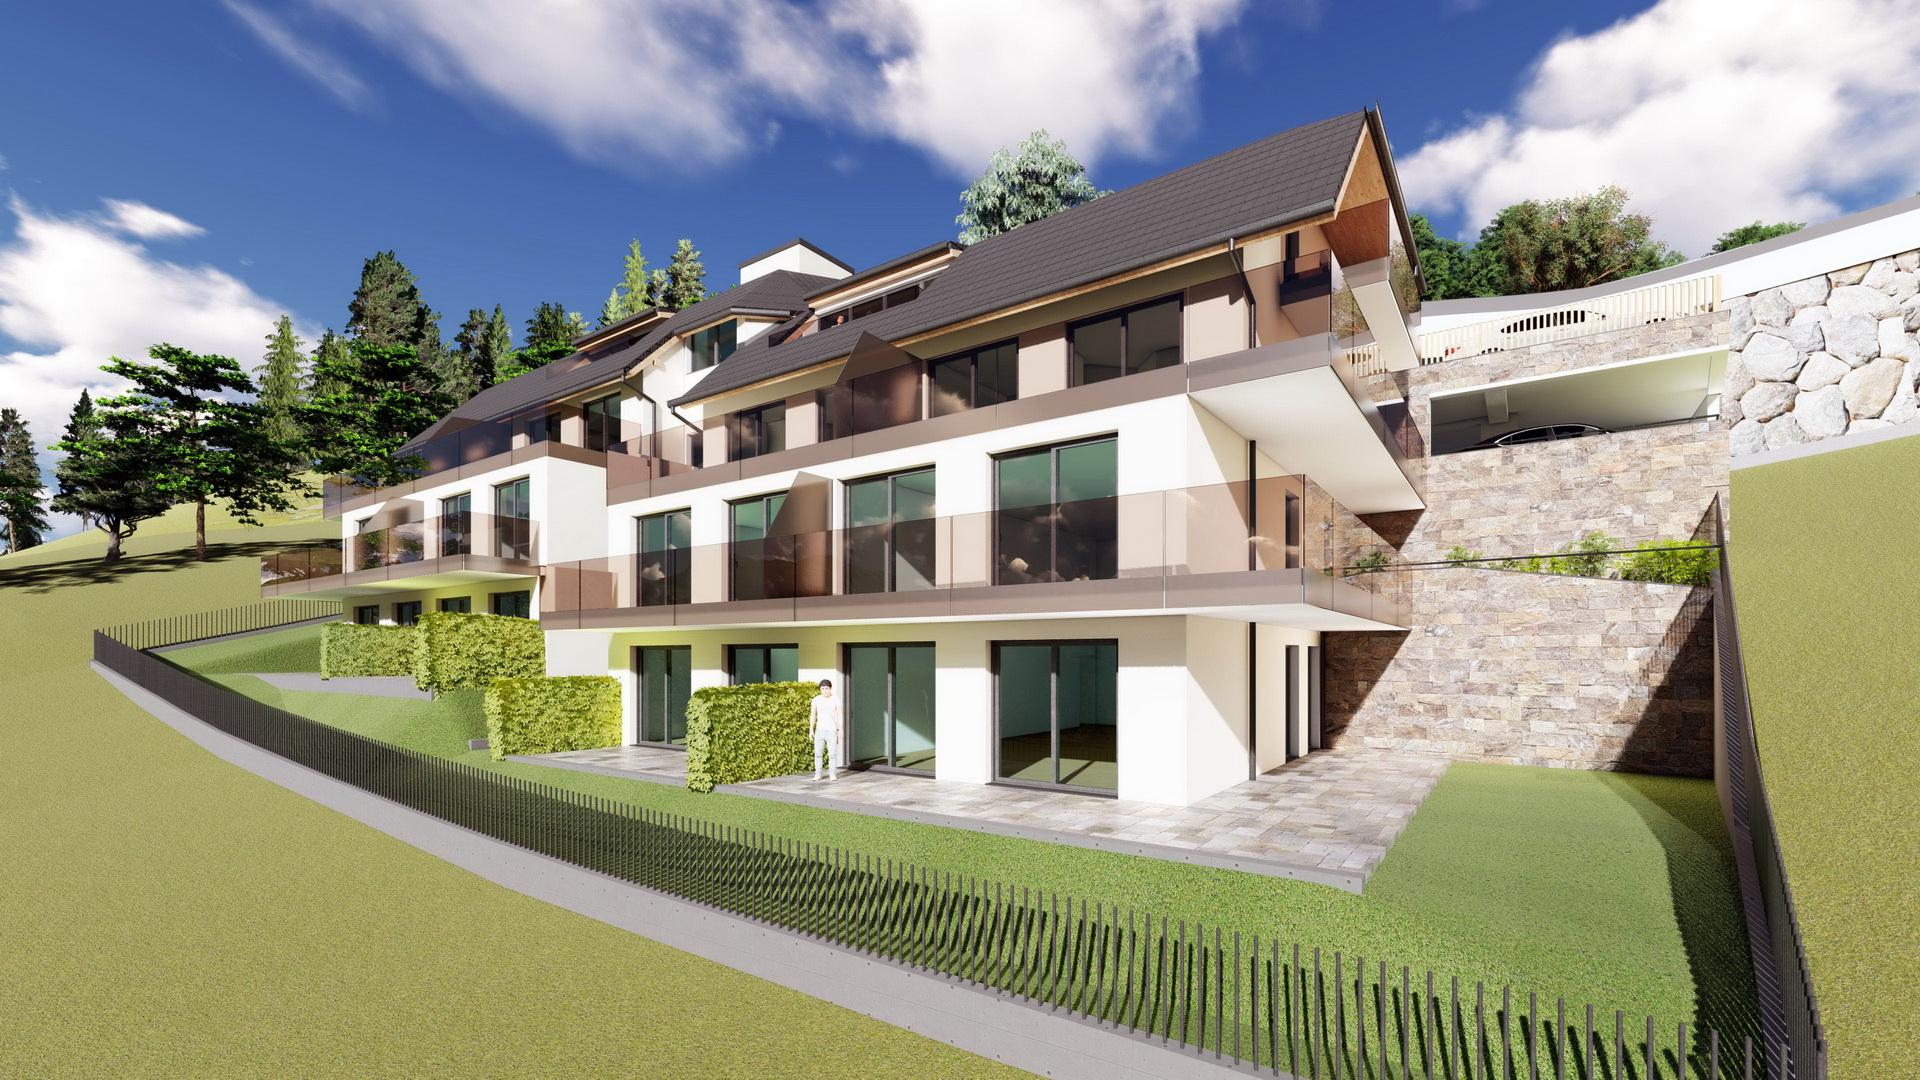 IN PLANUNG – Neues Bauvorhaben mit 14 Einheiten in Salzburg/Oberplainfeld!